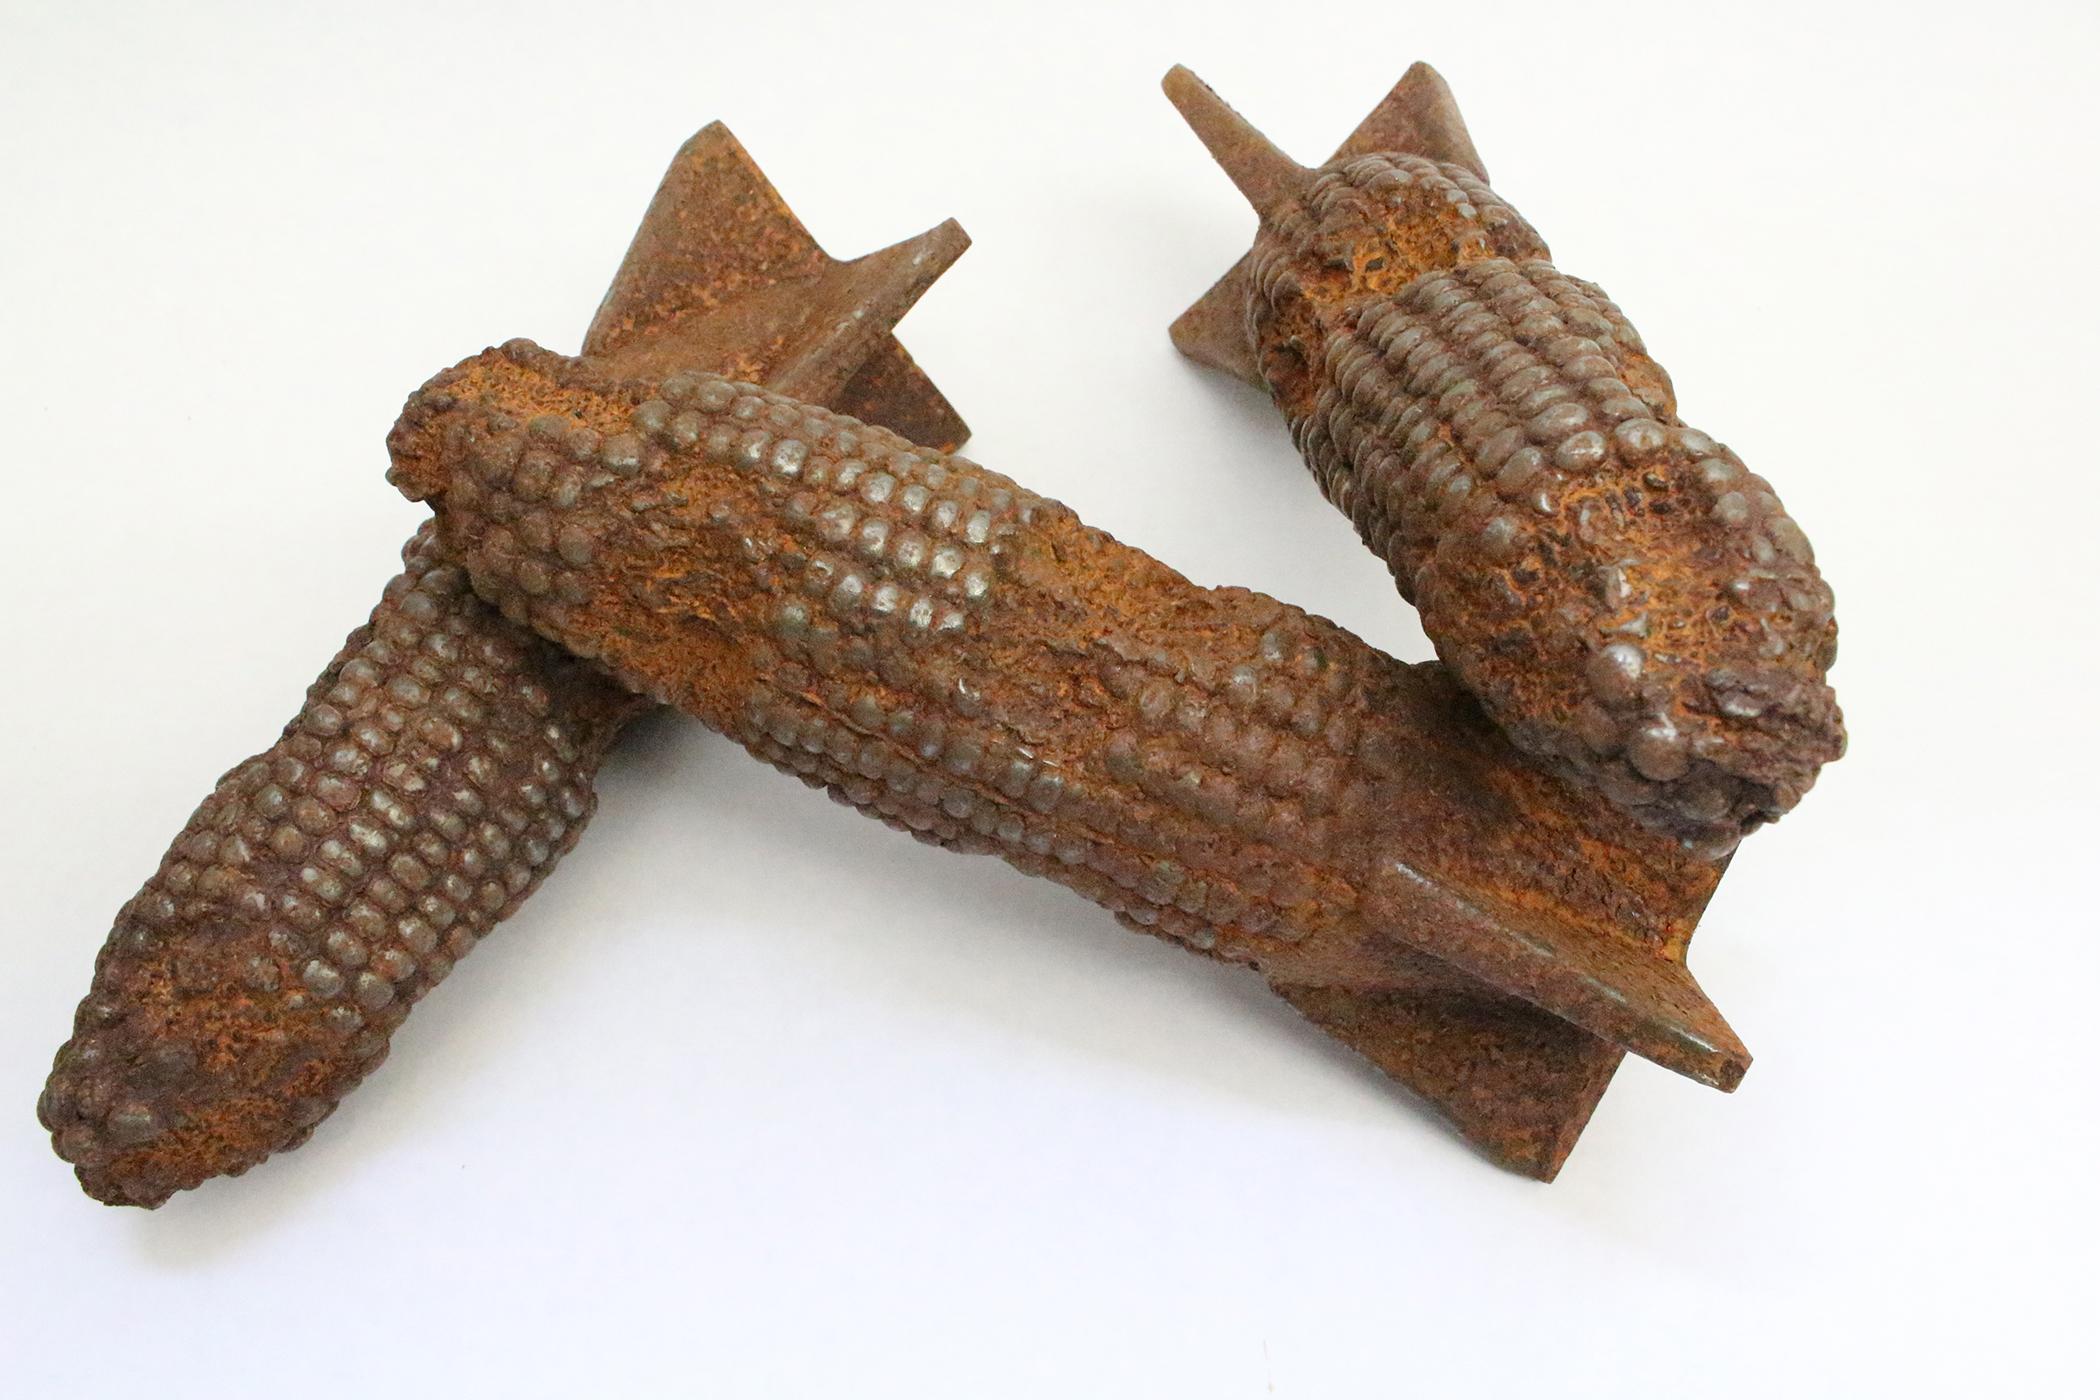 14. Corn Bombs